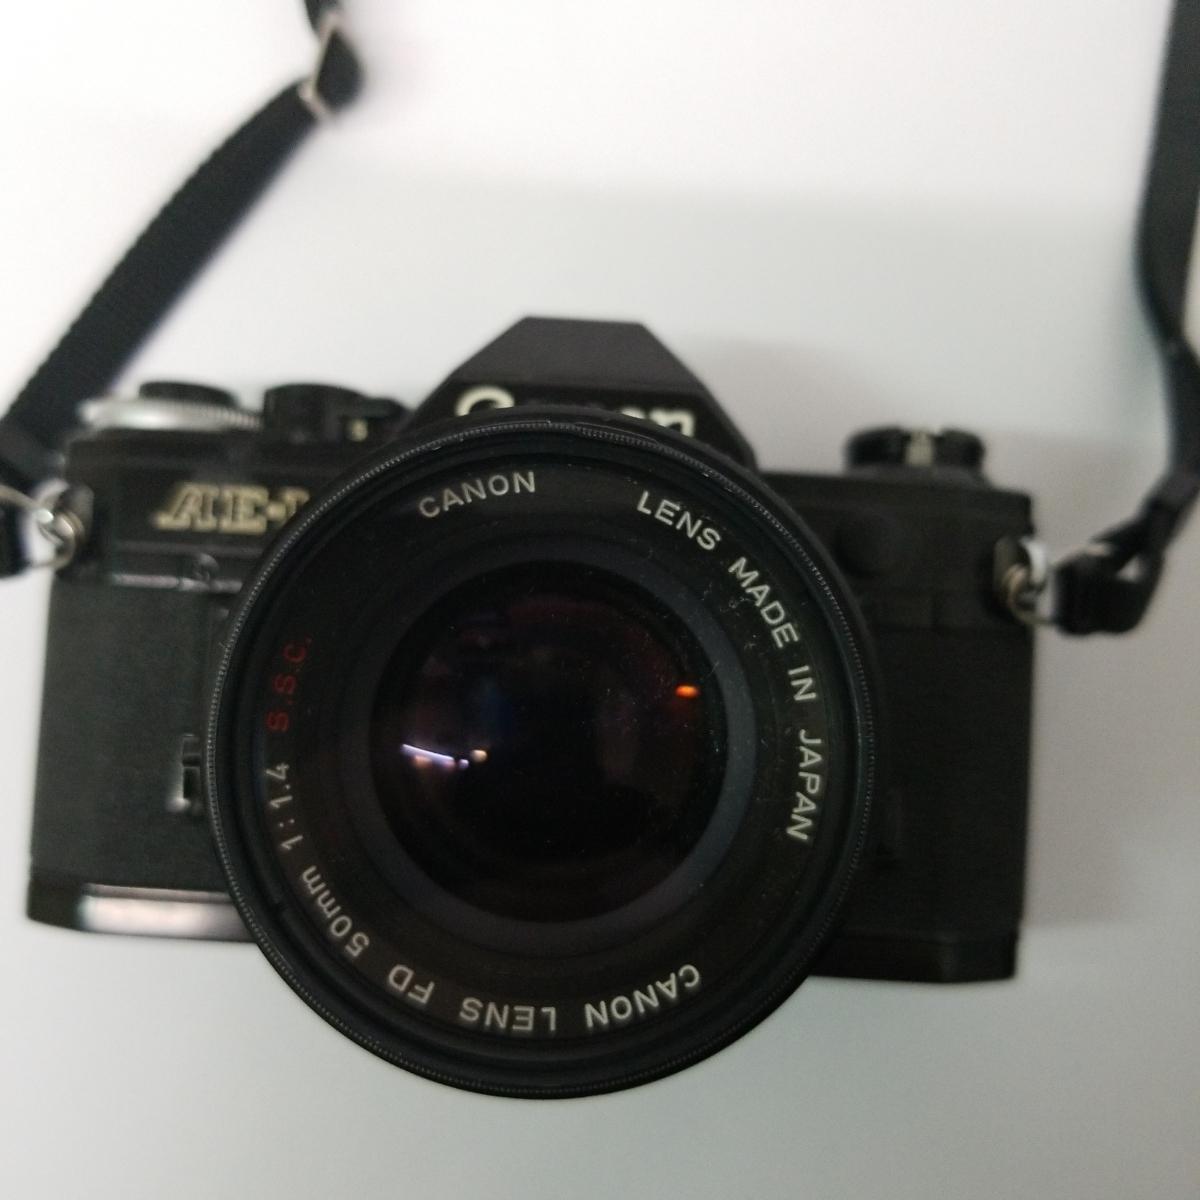 キヤノン Canon AE-1 一眼レフカメラ LENS 50mm 1:1.4 S.S.C. キャノン CANON ズームレンズ FD 100-200mm 1:5.6 S.C_画像2